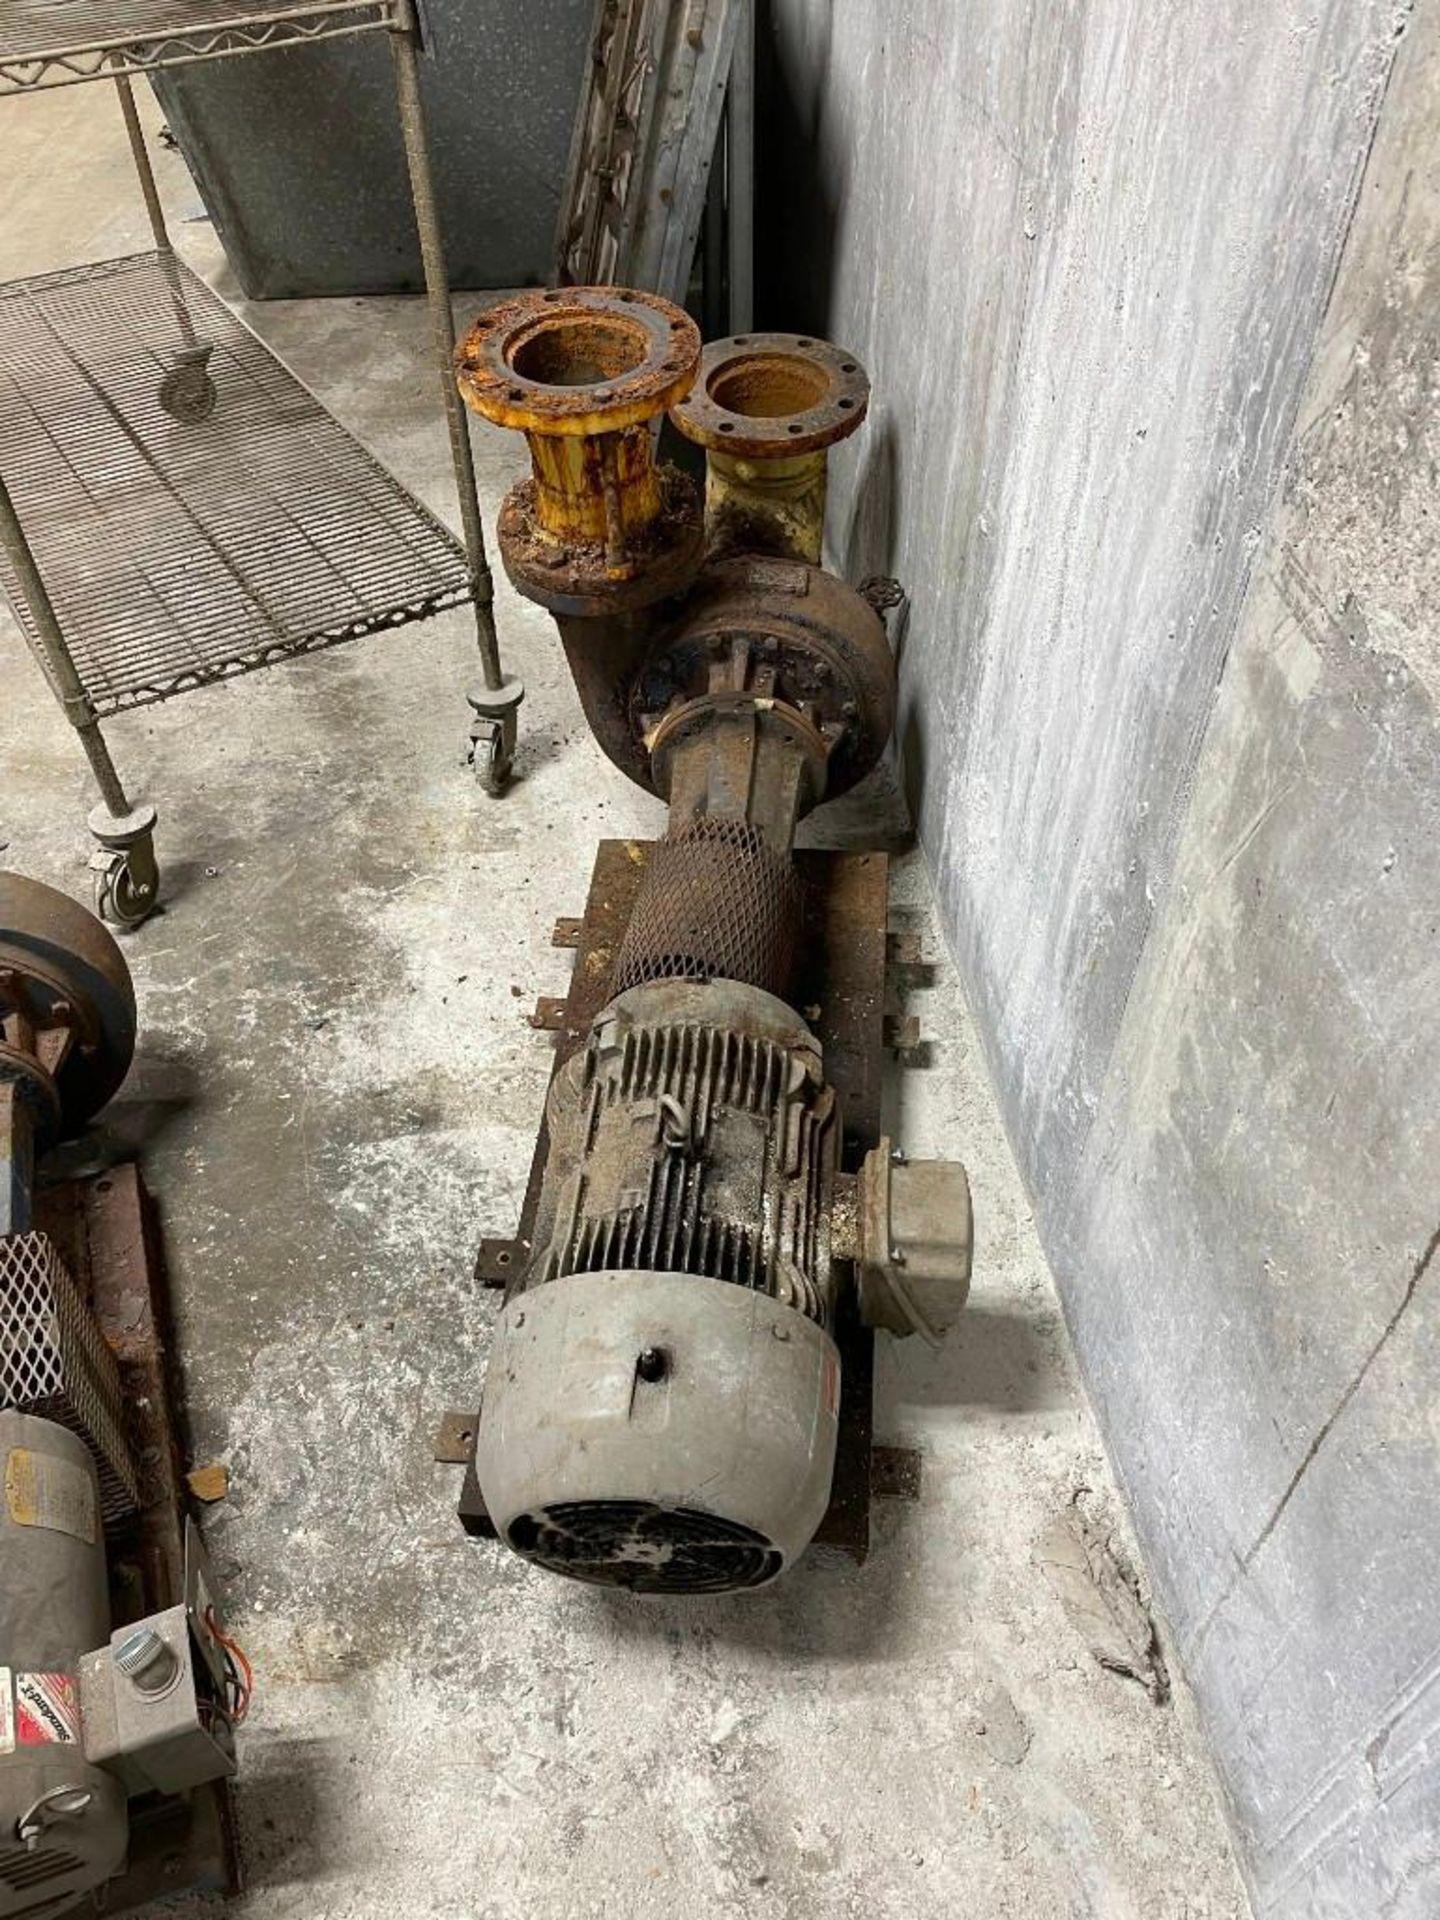 Peerless Pump with 20 Horsepower Siemens Motor - Image 2 of 5